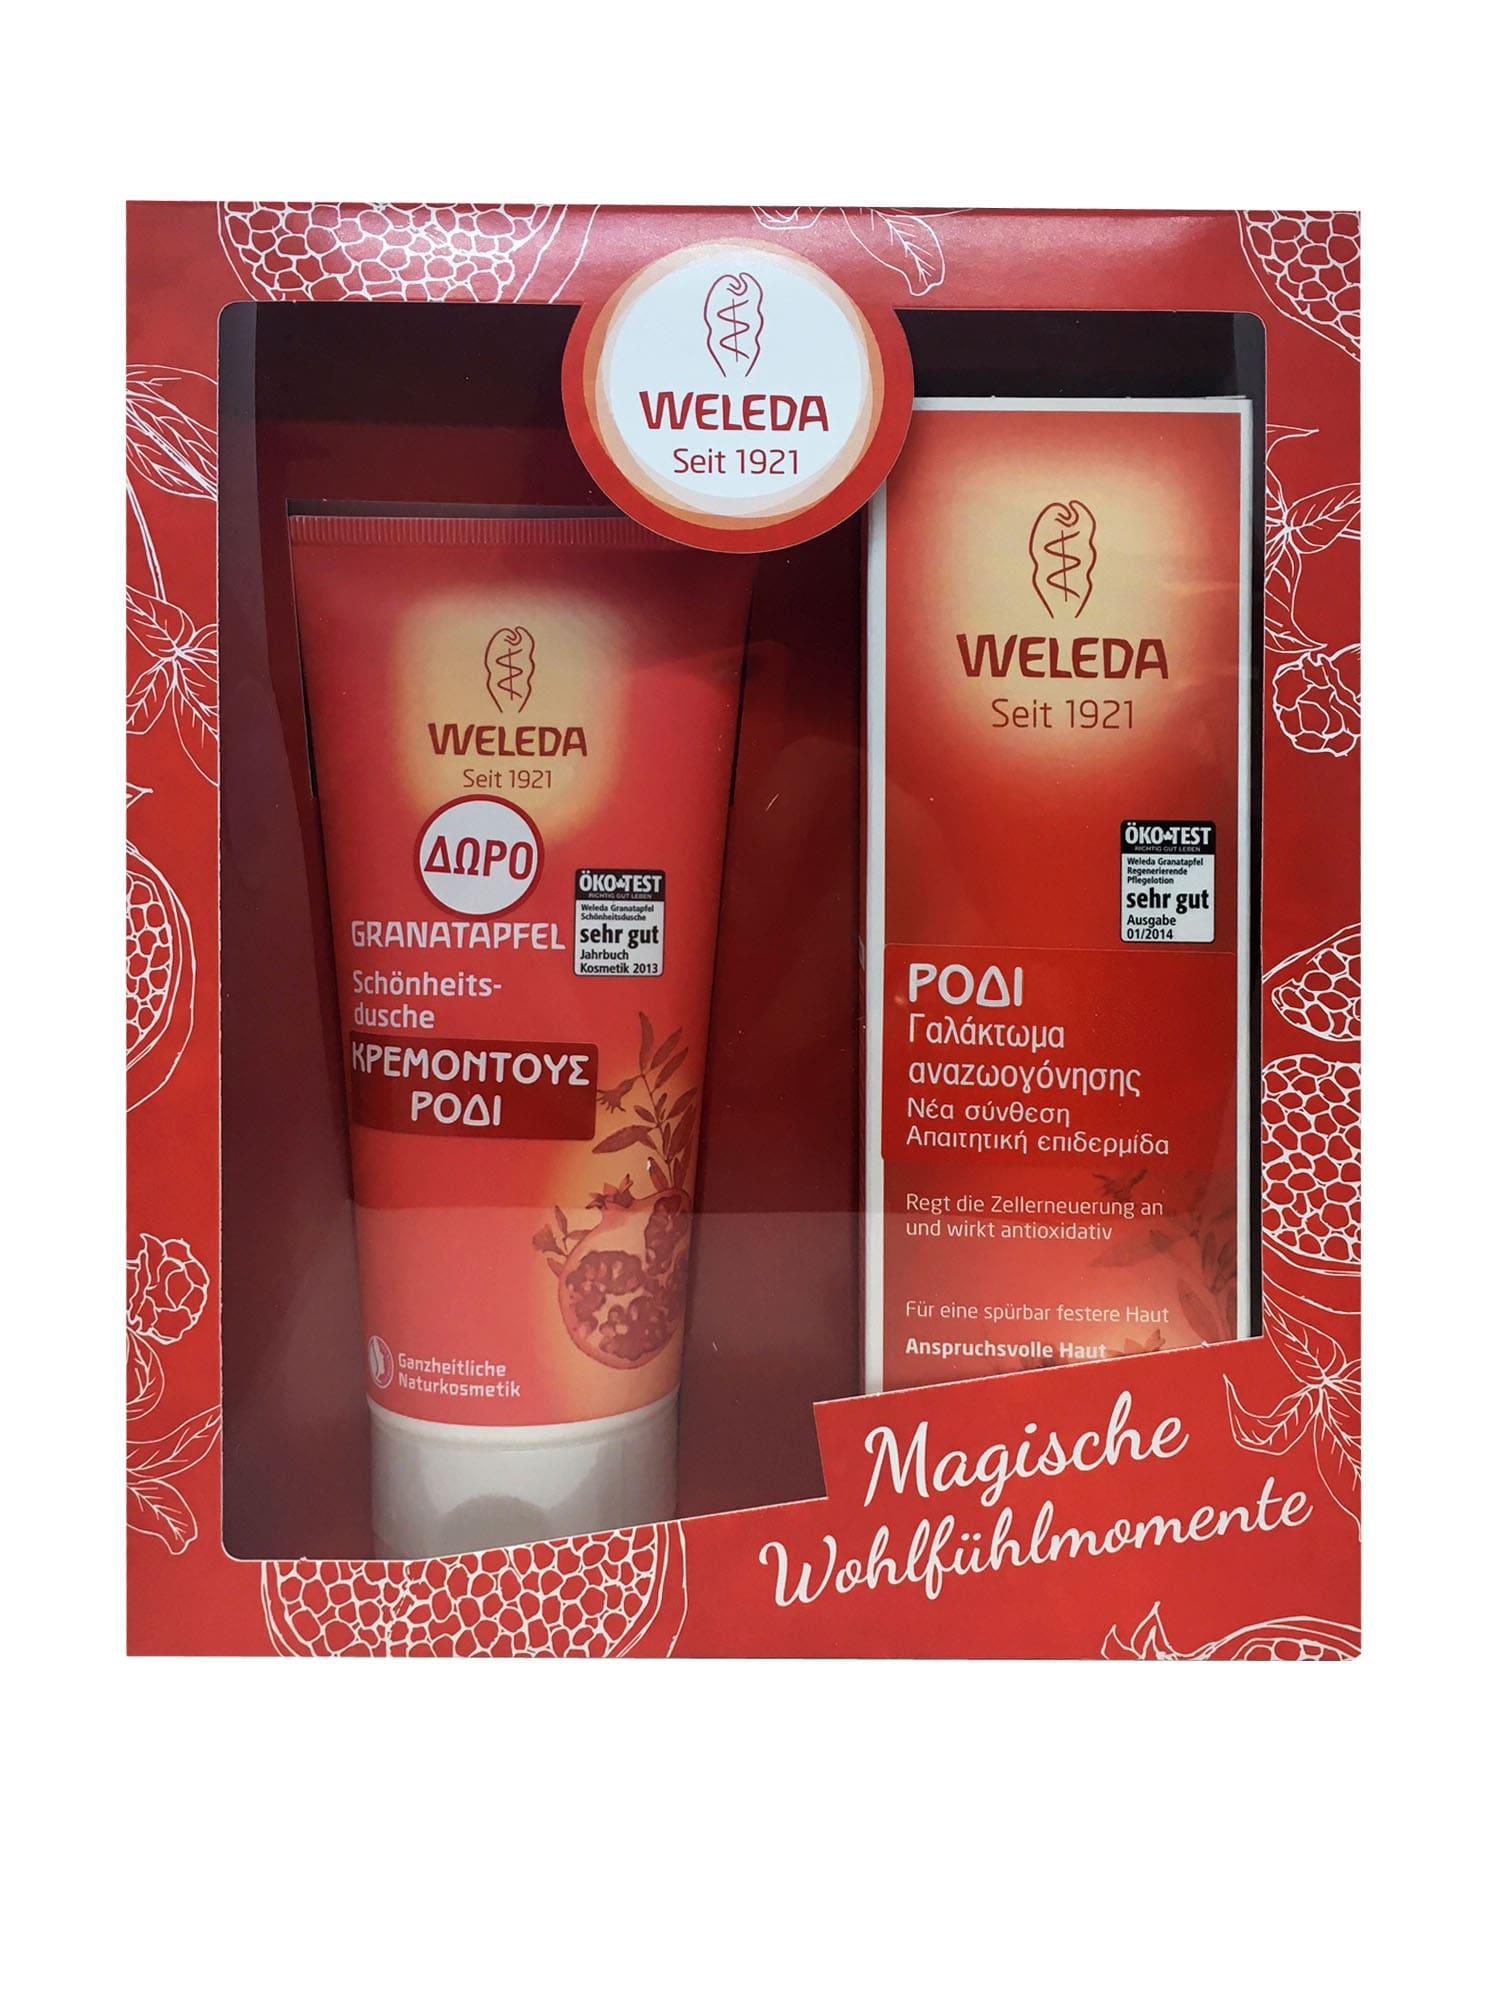 Weleda PROMO PACK with Weleda Pomegranate Regenerating Body Lotion, 200ml & GIFT , 200ml